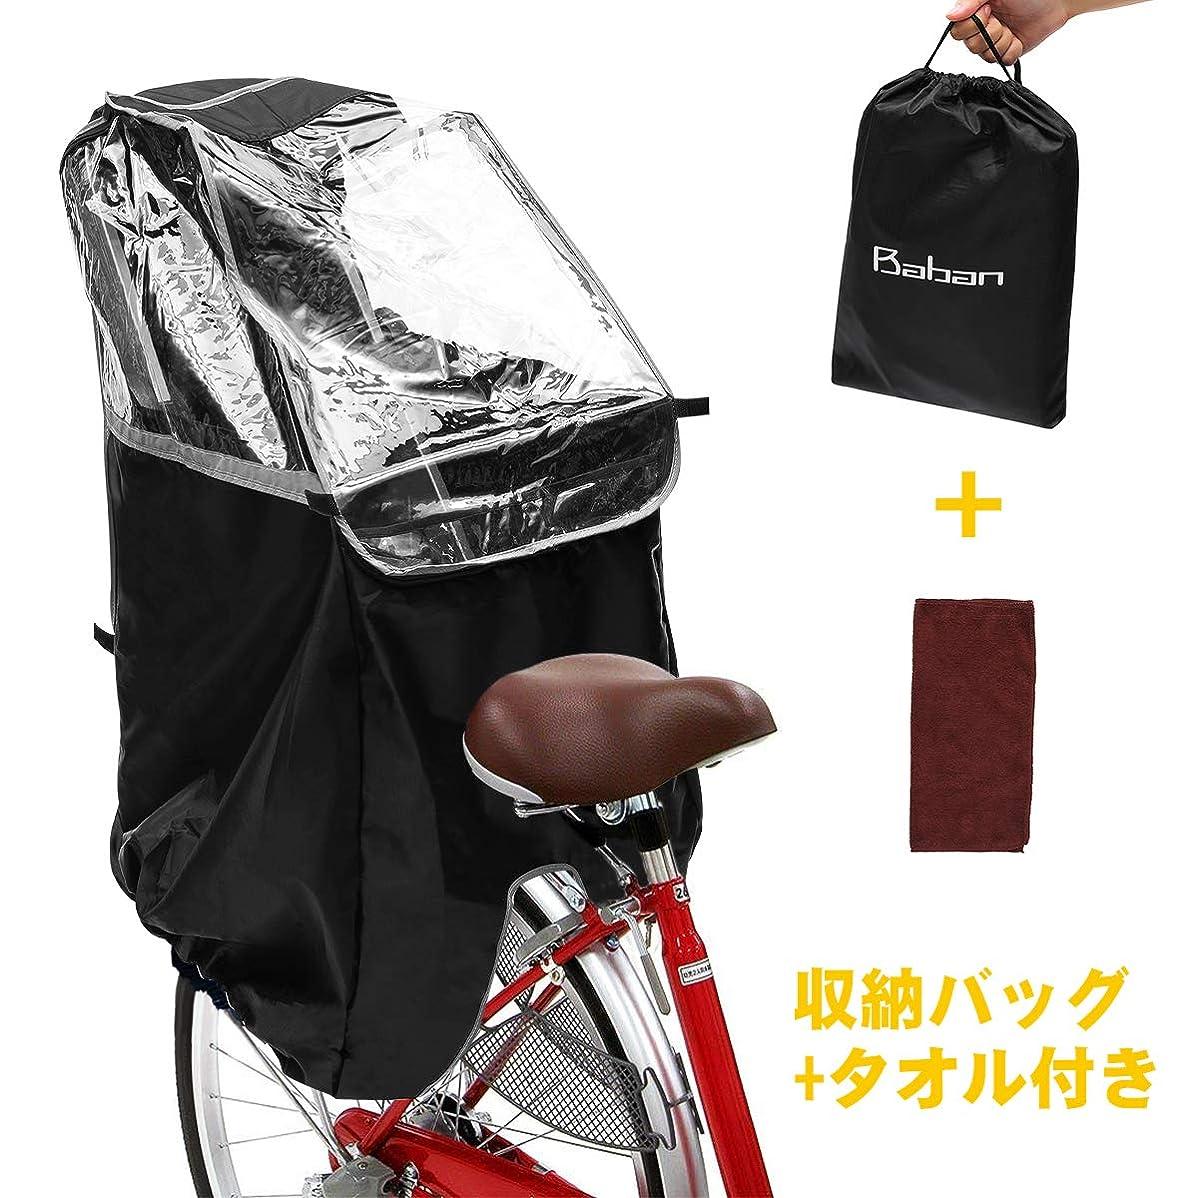 伝える医薬願望Baban 自転車レインカバー 子供乗せ自転車 チャイルドシートレインカバー 後ろ 子供乗せ用 撥水加工 雨除け 寒さ対策 風防 収納バッグ付き